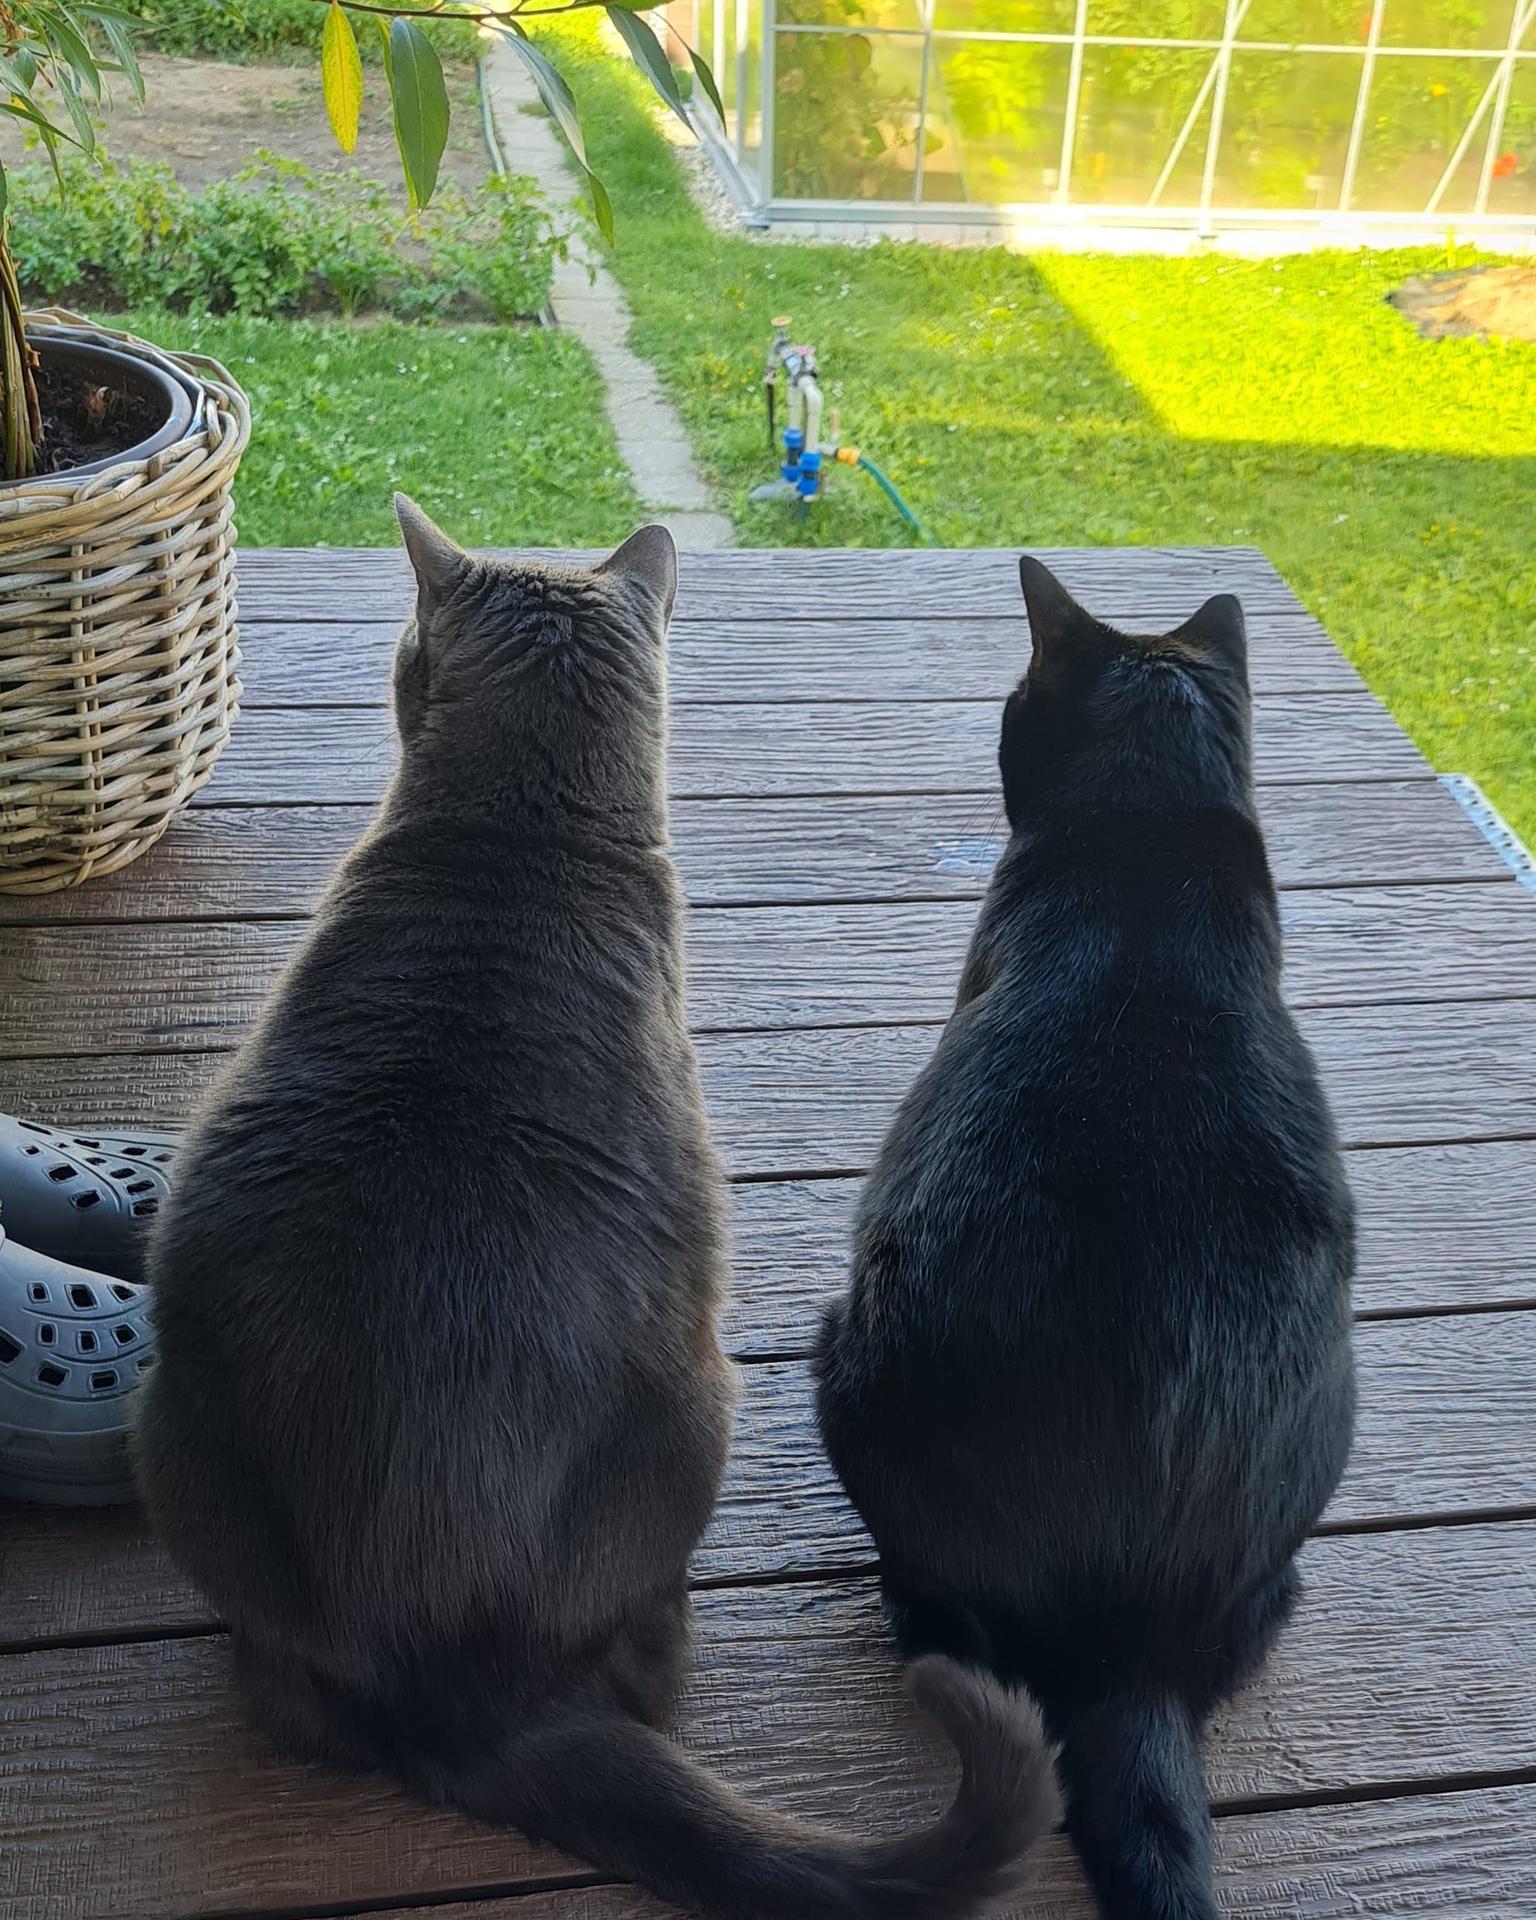 Premena balkóna na terasku - ... aj cicuchy si terasku užívajú :) ... sledujú susedovho Puňťa :D